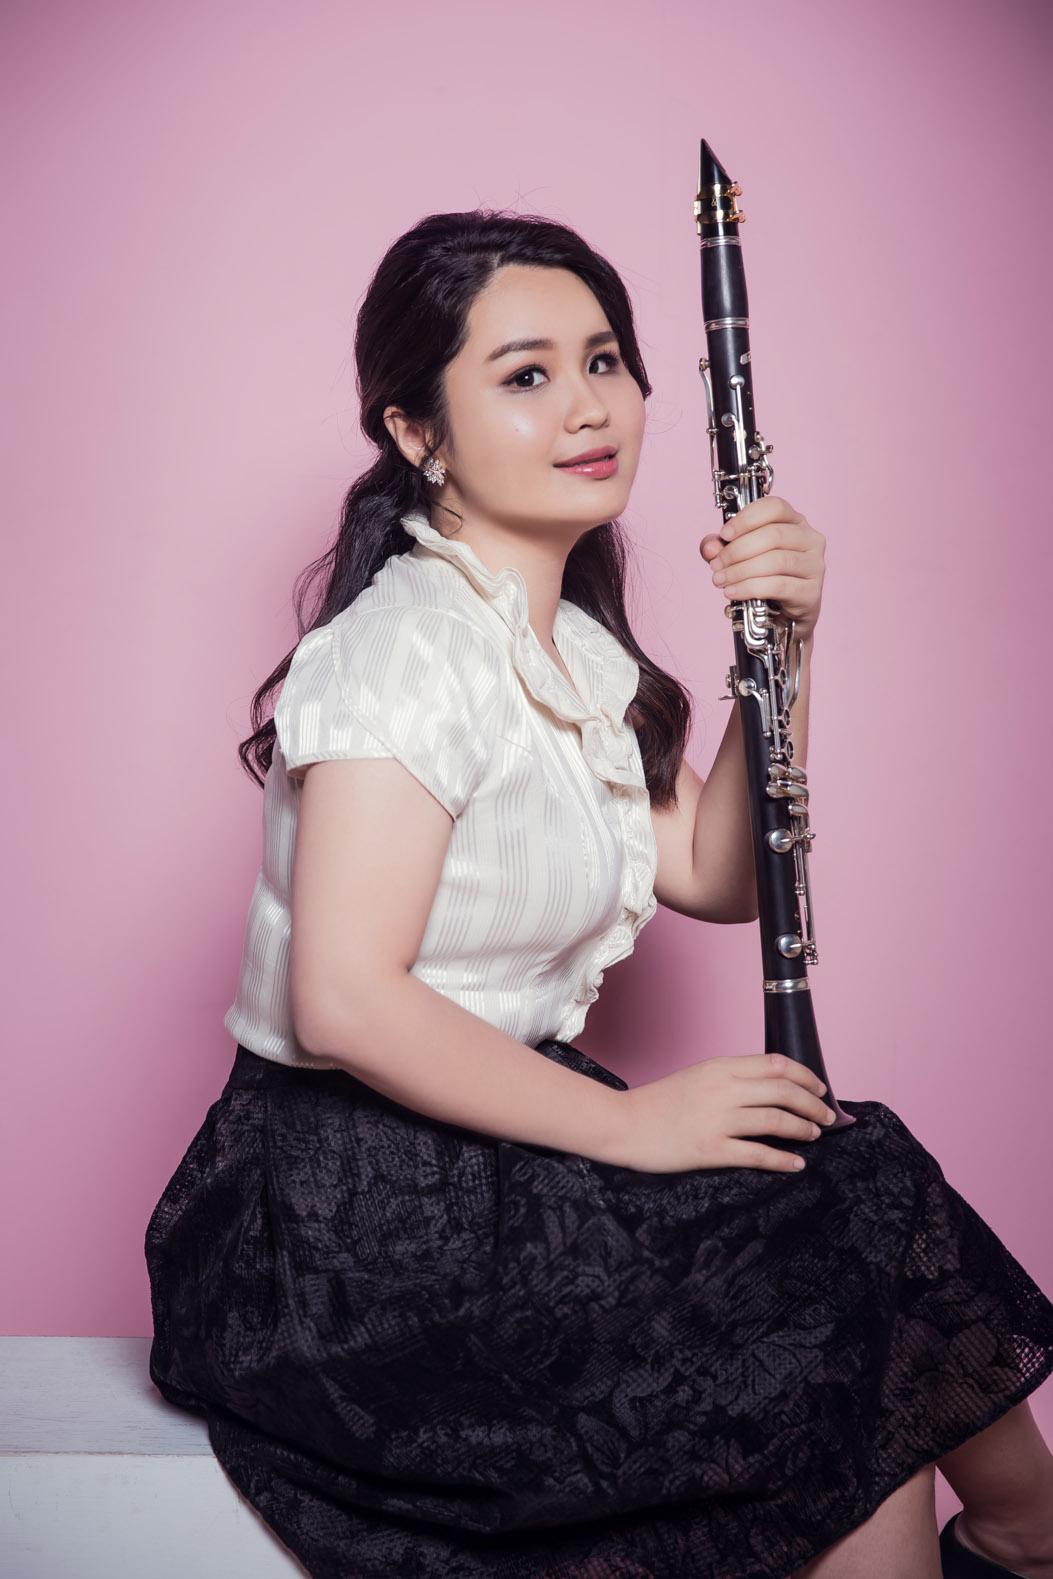 2021新北樂壇新星李俐伶將帶來「李俐伶單簧管獨奏會─旅程沿途的浪漫」演出